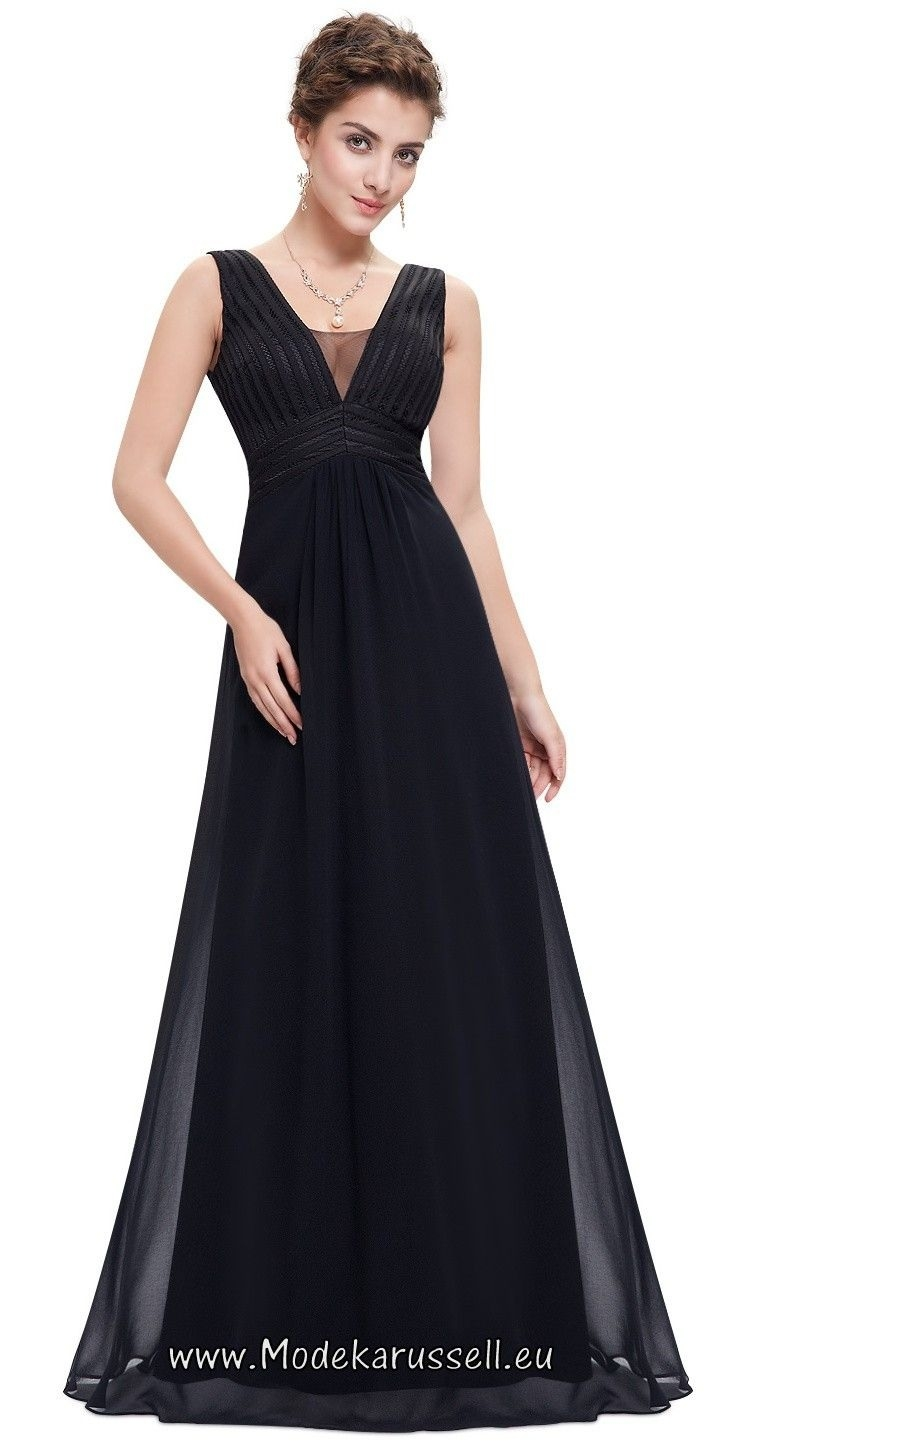 10 Schön Abendkleider Online Günstig Vertrieb17 Fantastisch Abendkleider Online Günstig Stylish